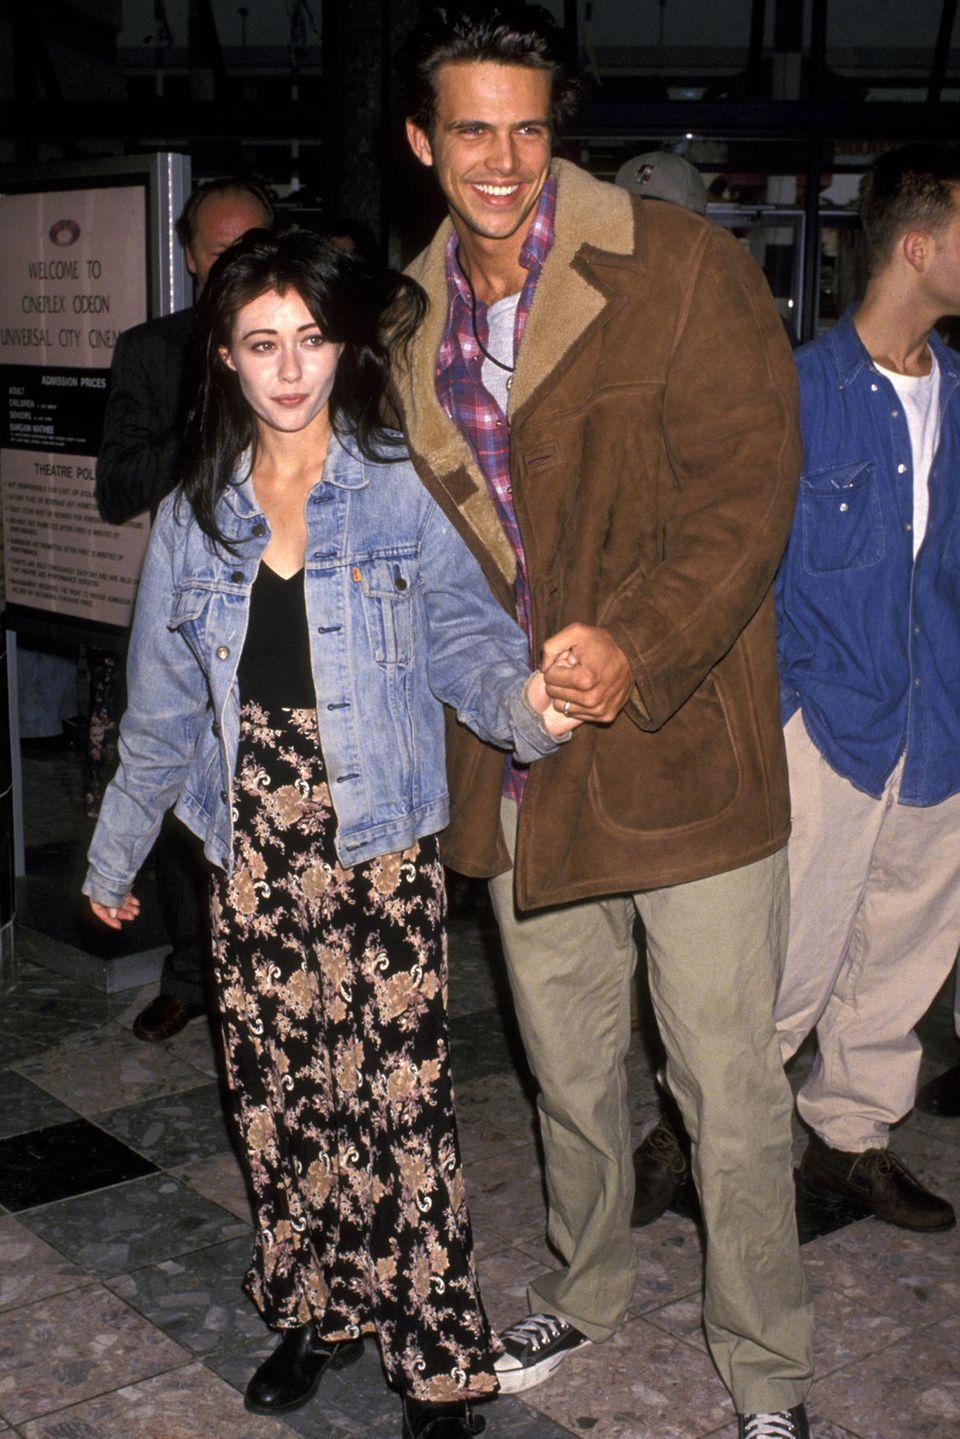 """Shannen Doherty + Ashley Hamilton: 5 Monate  Ganze zwei Wochen kennen sich """"Beverly Hills, 90210""""-Star Shannen Doherty und Schauspieler Ashley Hamilton, als sie im September 1993 heiraten. Die Verbindunghält nur ganze fünf Monate. Ashley heiratet wenig später die Schauspielerin Angie Everhart - doch auch diese Ehe hält nur vier Monate."""